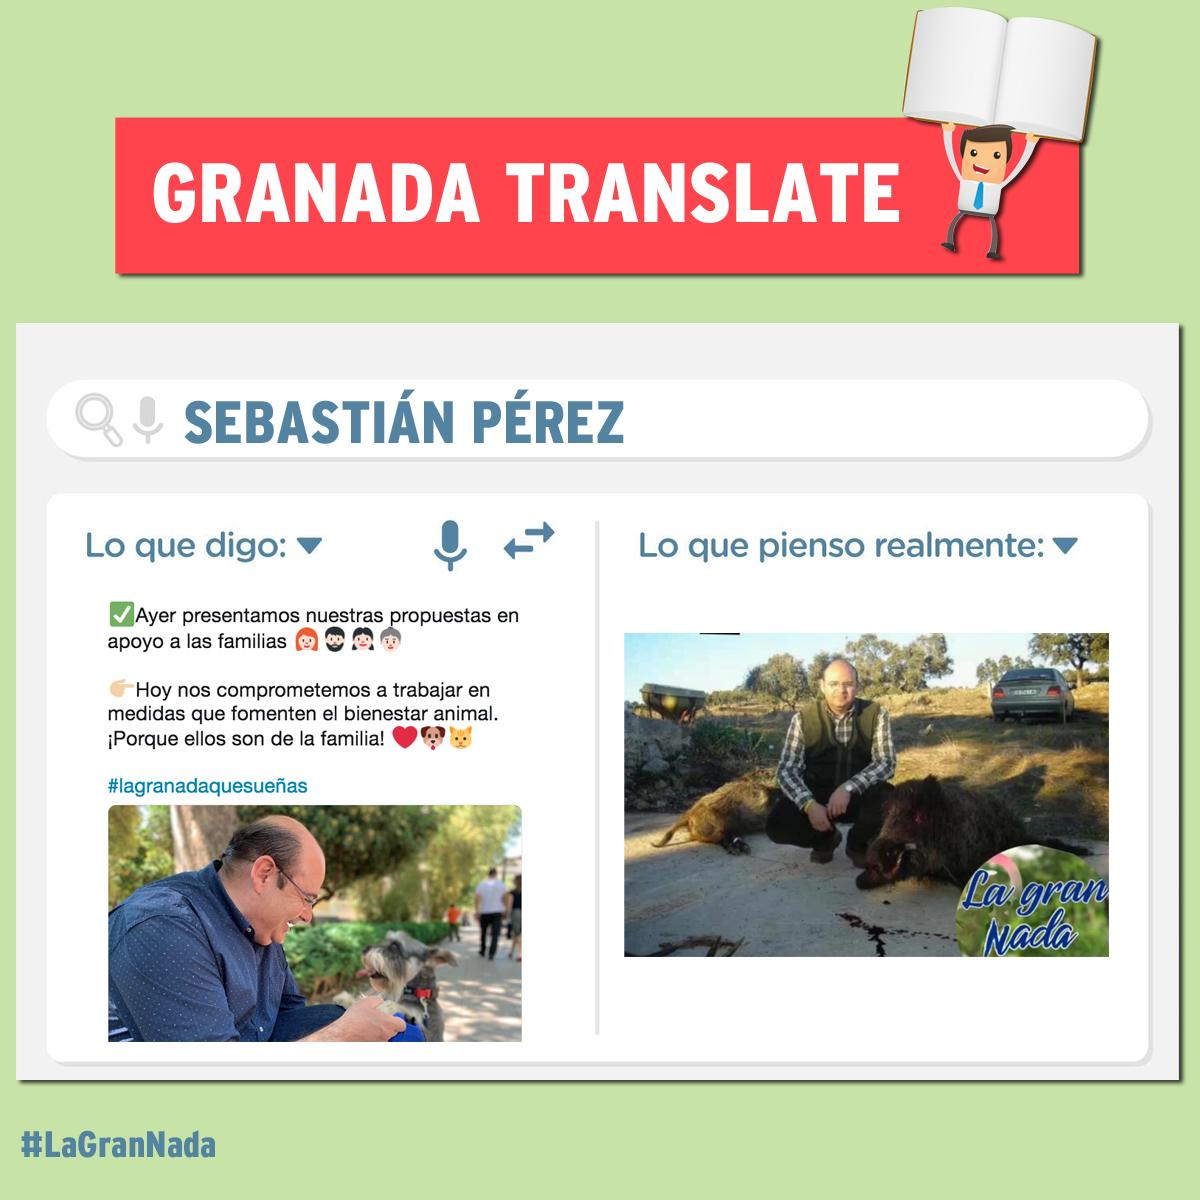 #26M: Memes en las redes sociales cuestionan las propuestas por el «bienestar animal» de Sebastián Pérez